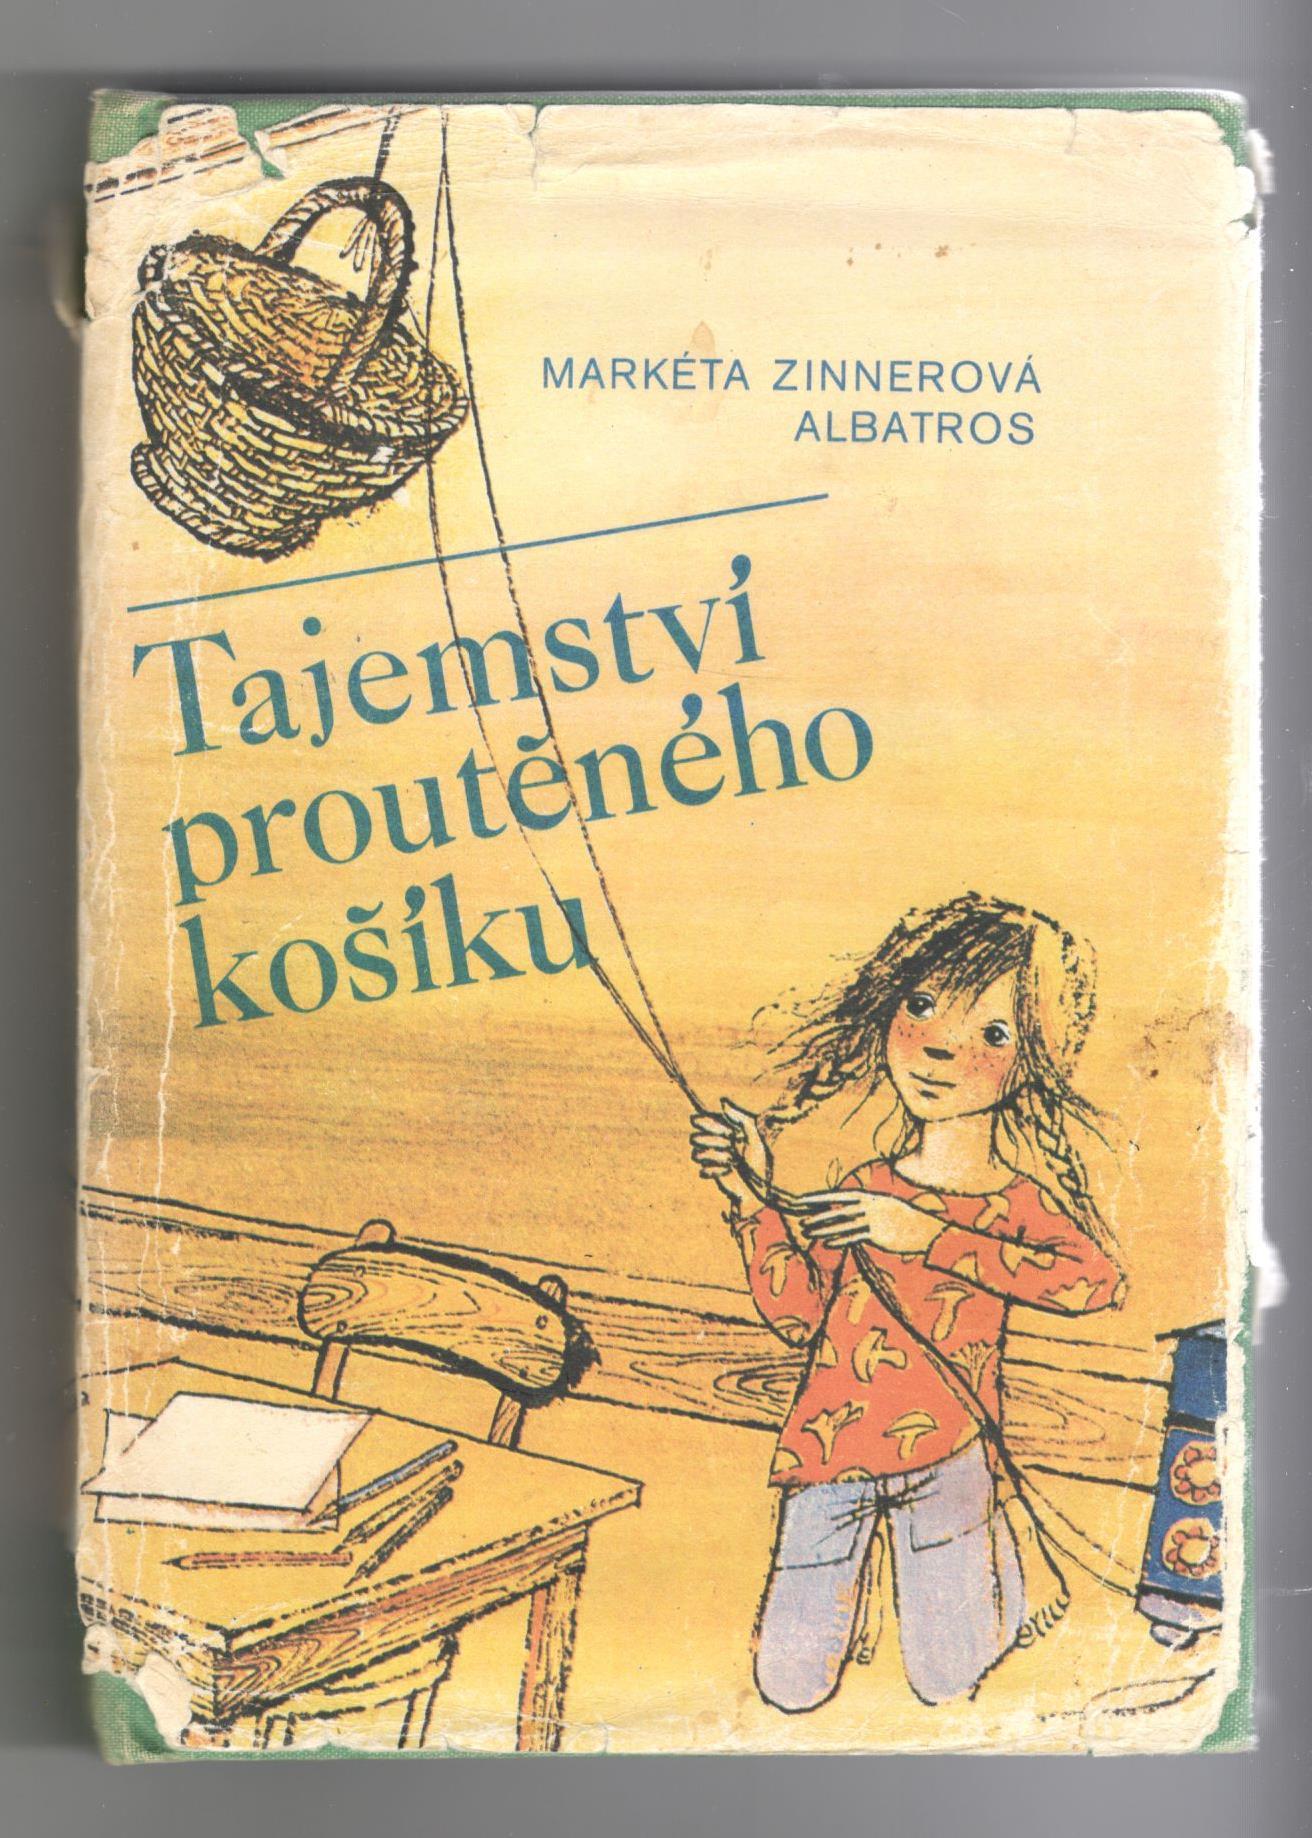 Tajemství proutěného košíku - Markéta Zinnerová